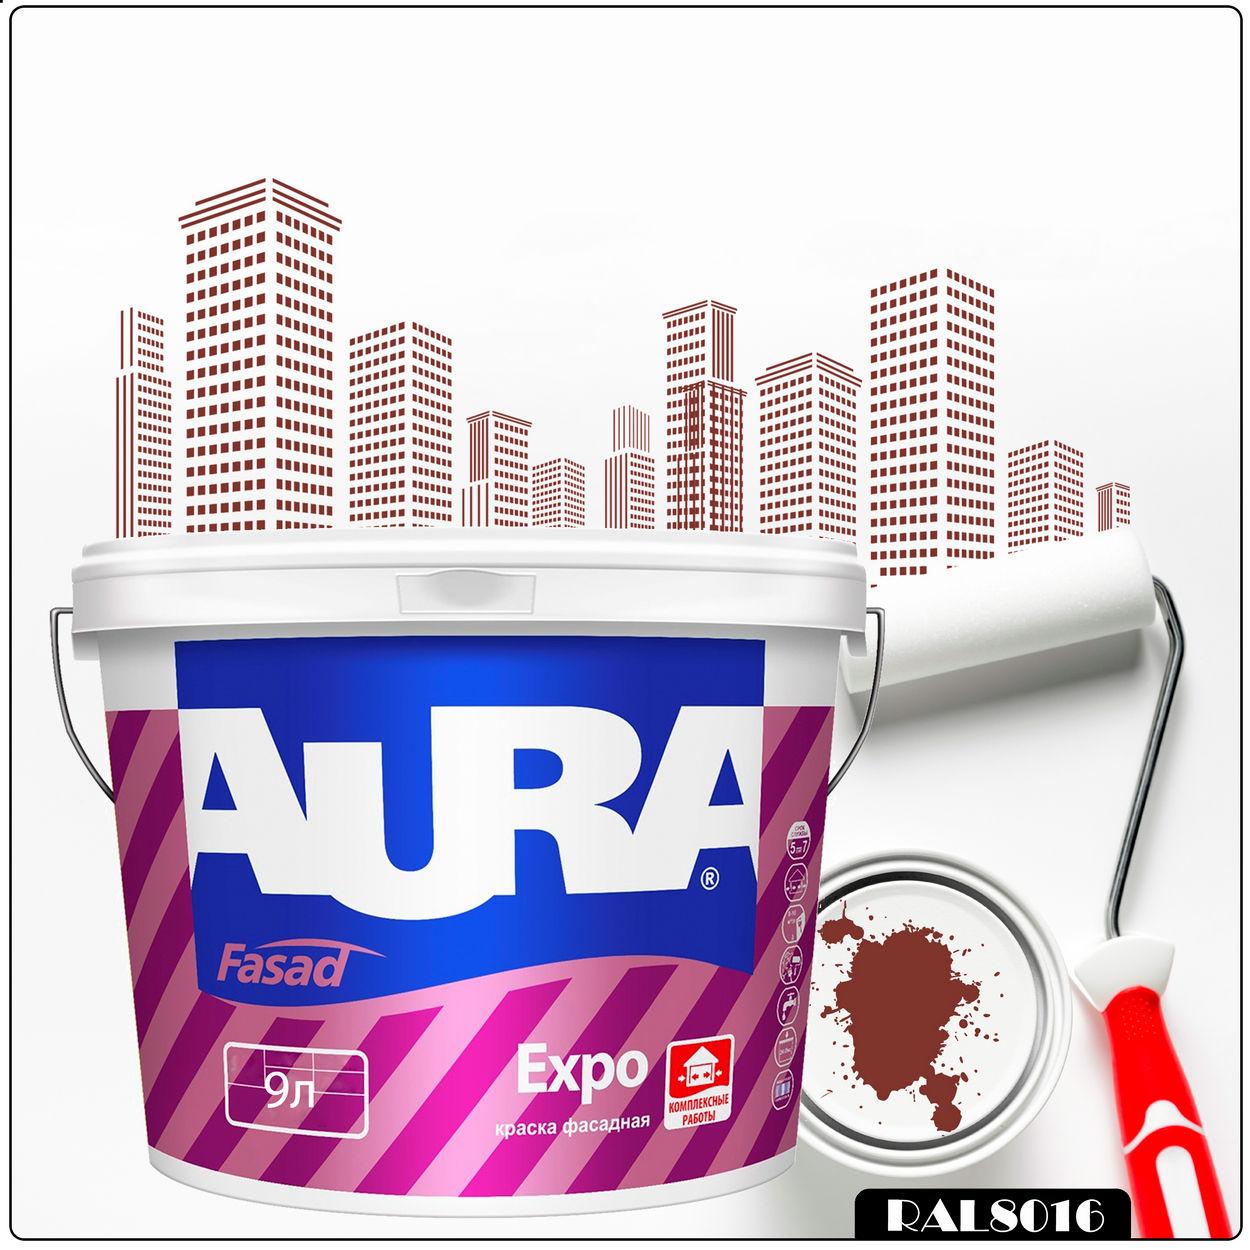 Фото 12 - Краска Aura Fasad Expo, RAL 8016 Коричневый-махагон, матовая, для фасадов и помещений с повышенной влажностью, 9л.